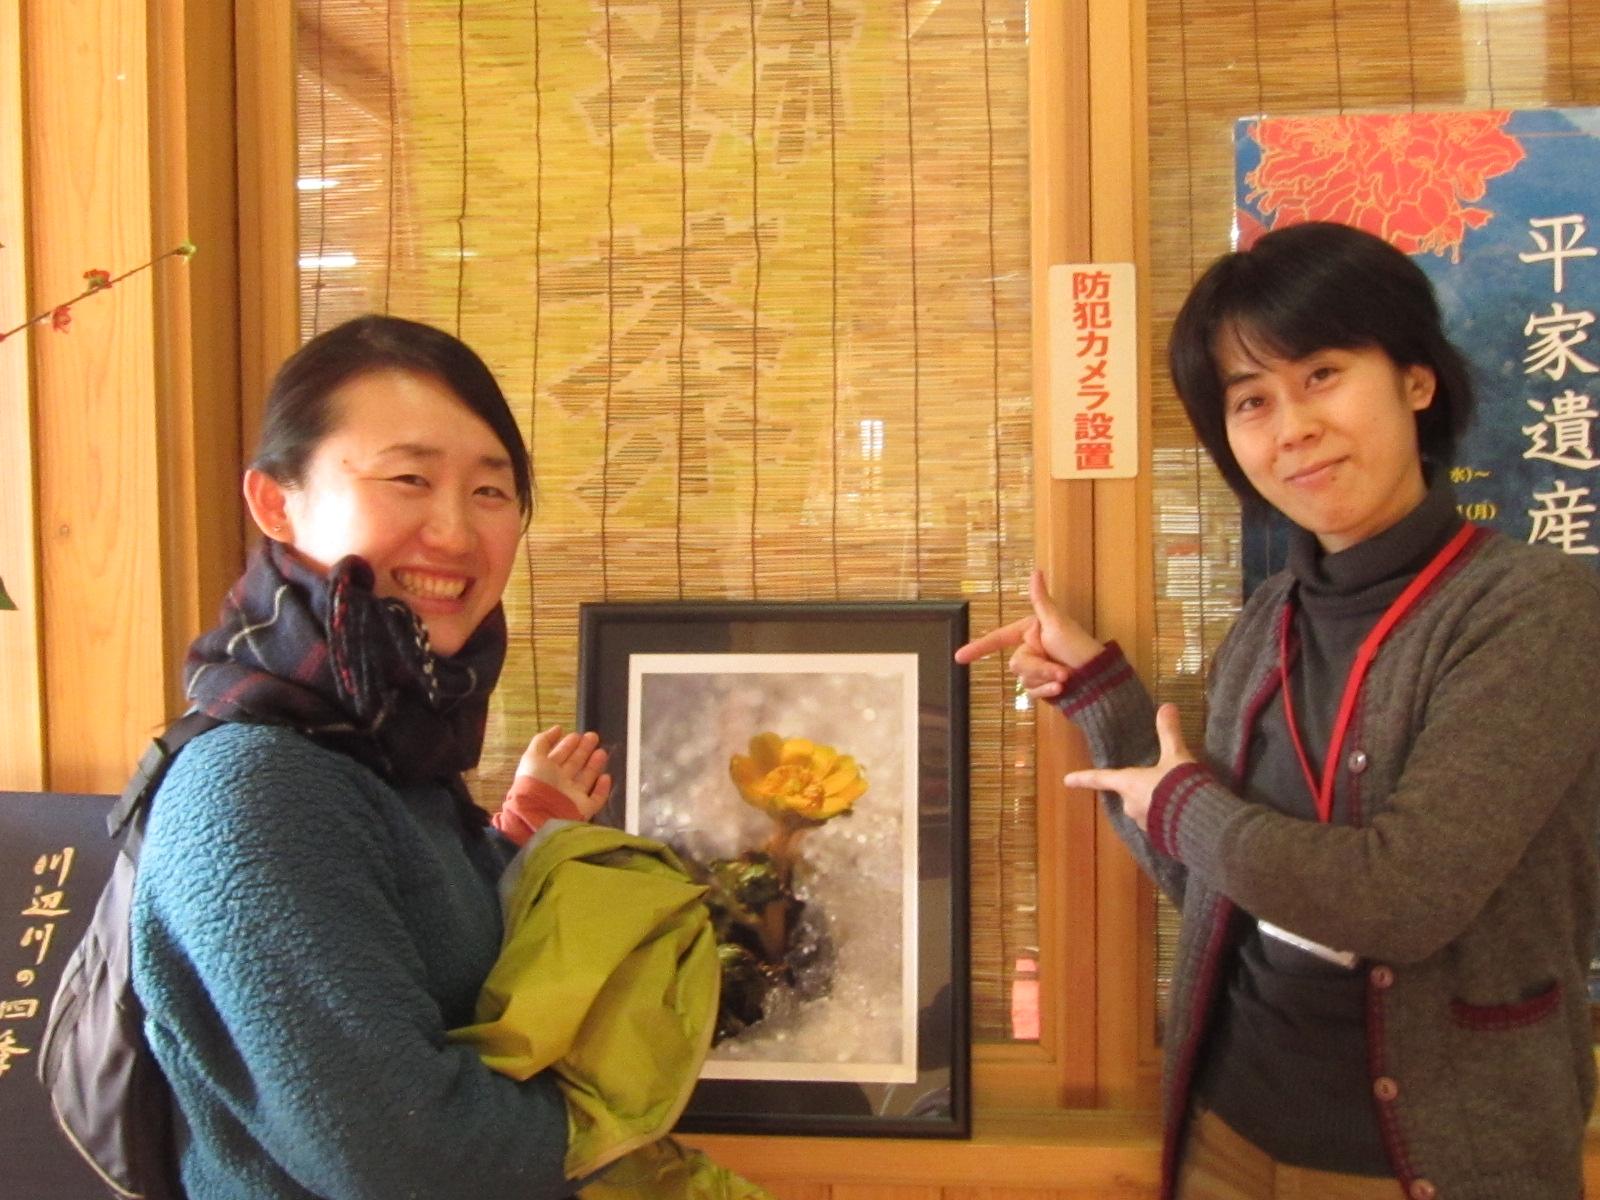 五木村観光協会 事務局Blog: 五木村観光協会事務局へいらっしゃ ...